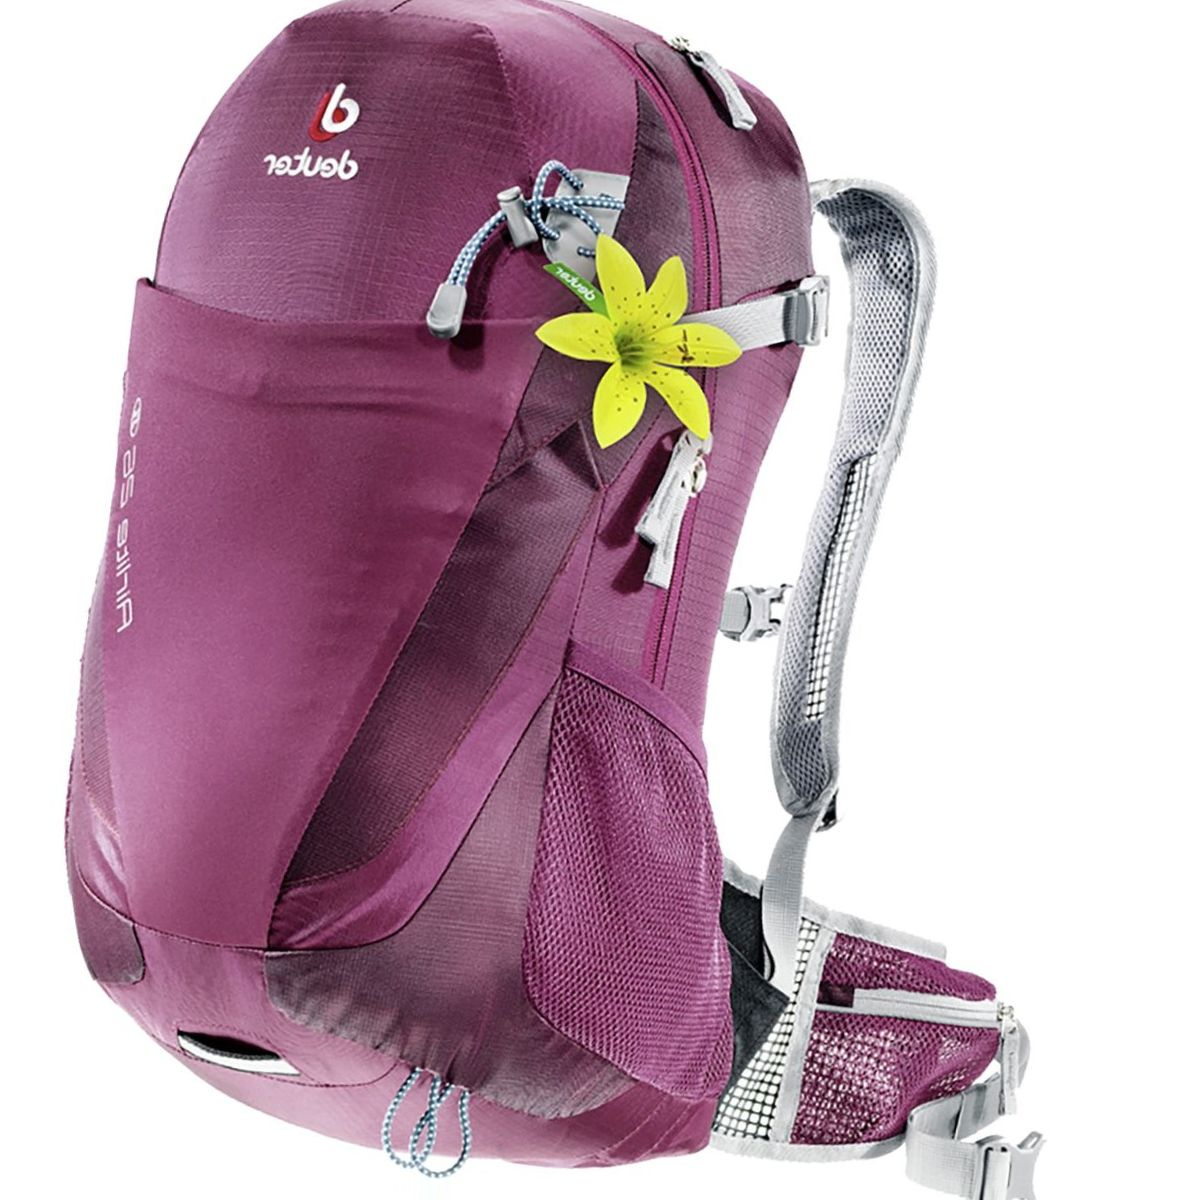 Deuter Airlite 26 SL Backpack - Women's